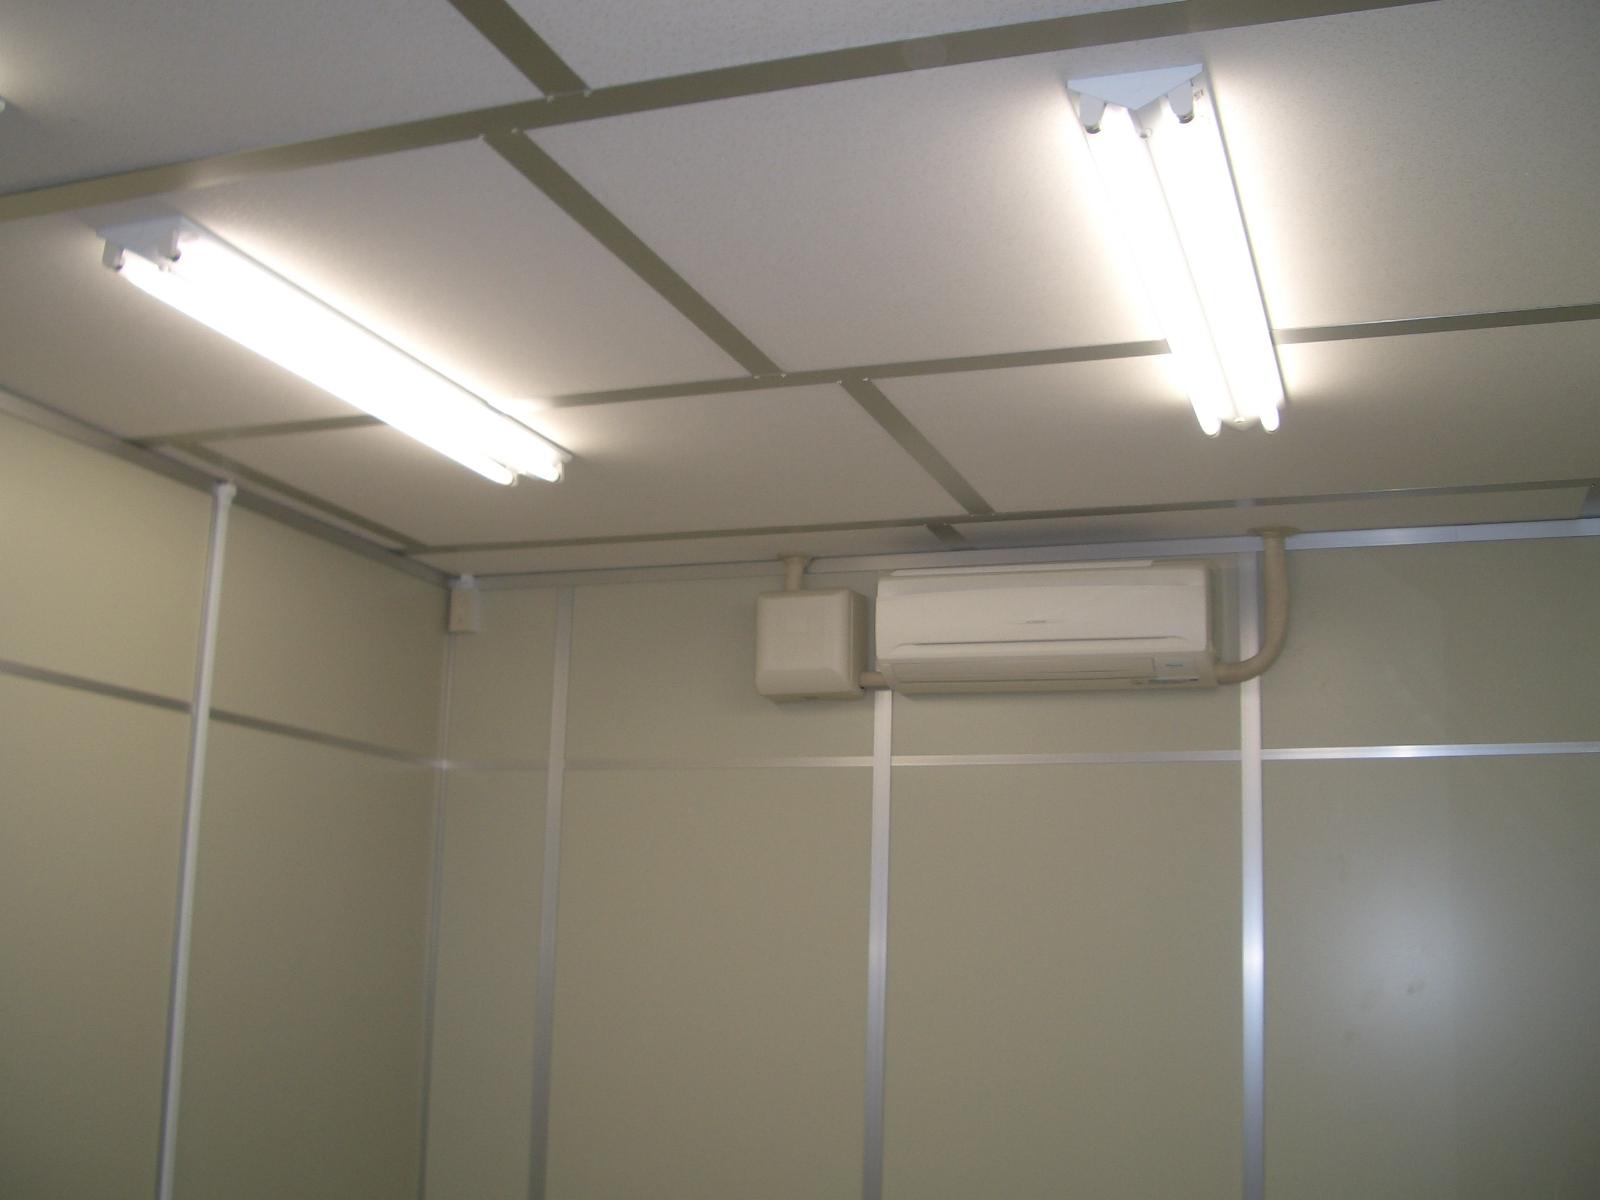 照明器具及び空調機増設工事